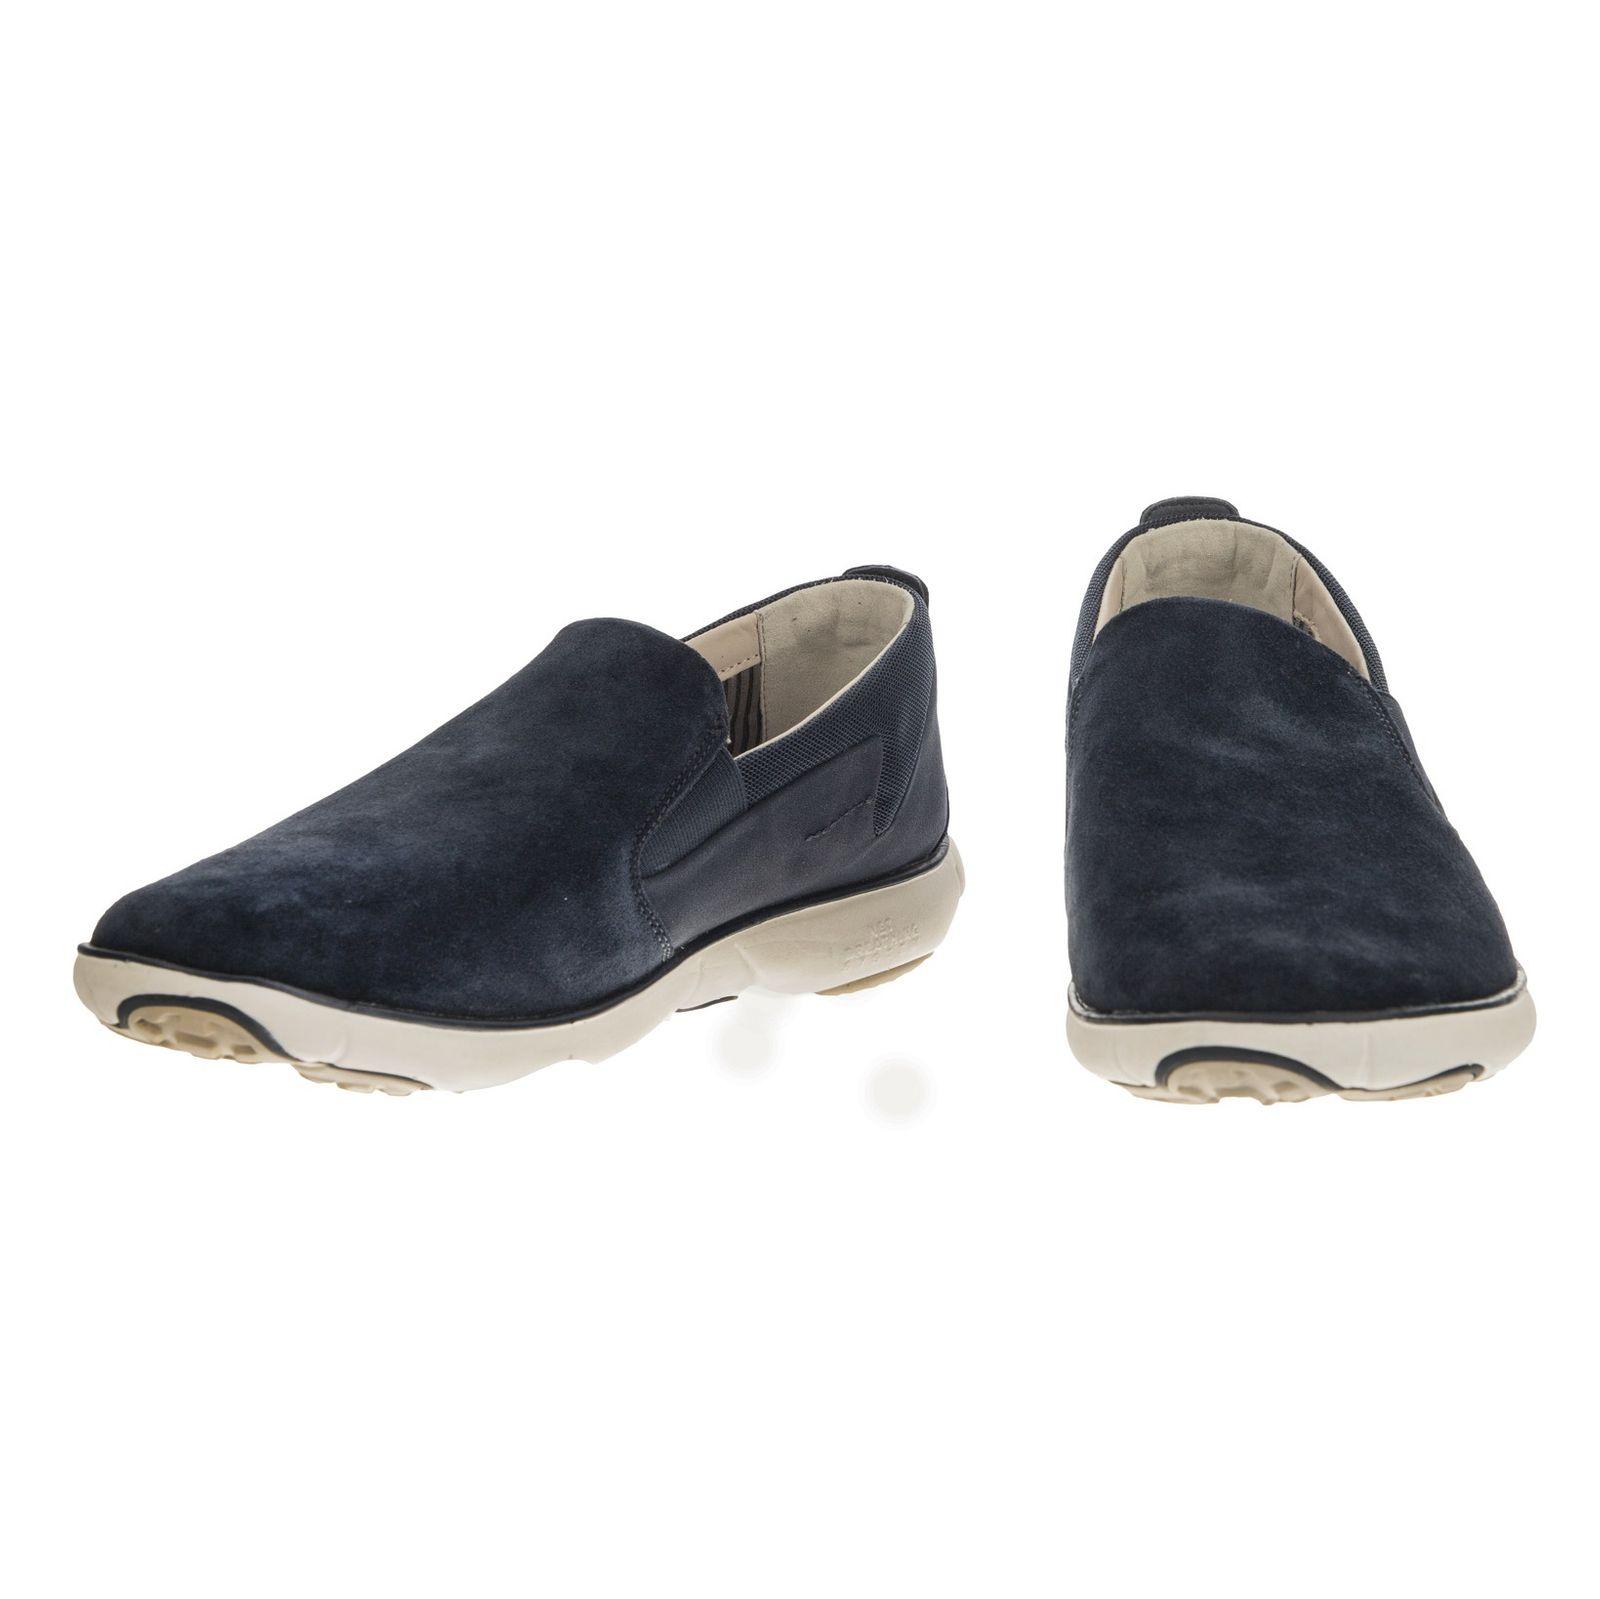 کفش روزمره مردانه جی اوکس مدل U82D7E-02211-C4002 -  - 5